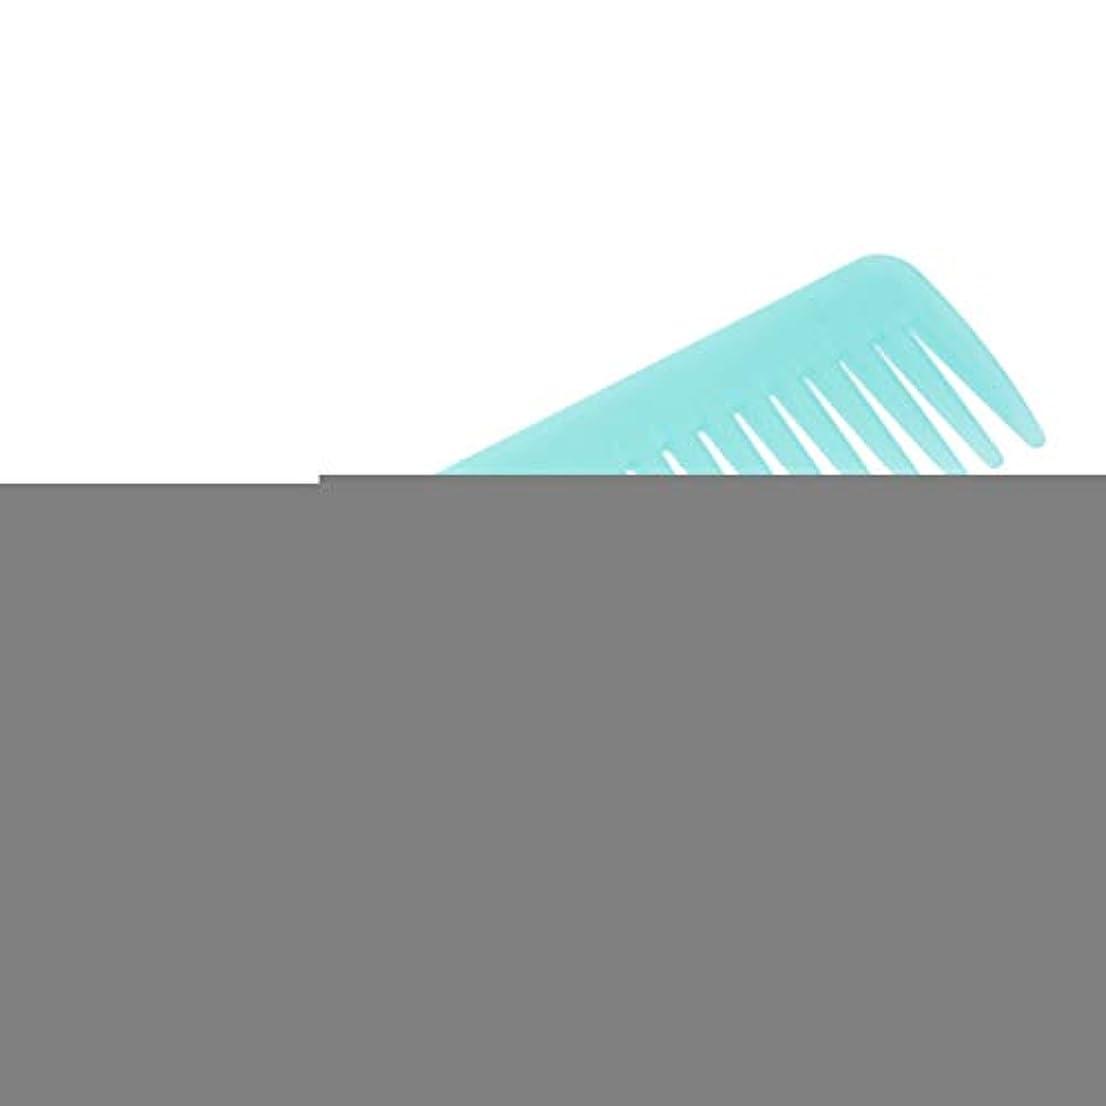 のみ協定真夜中プロの髪のくしゃくしゃヘアーコンディションの櫛幅のあるヘアブラシ - A